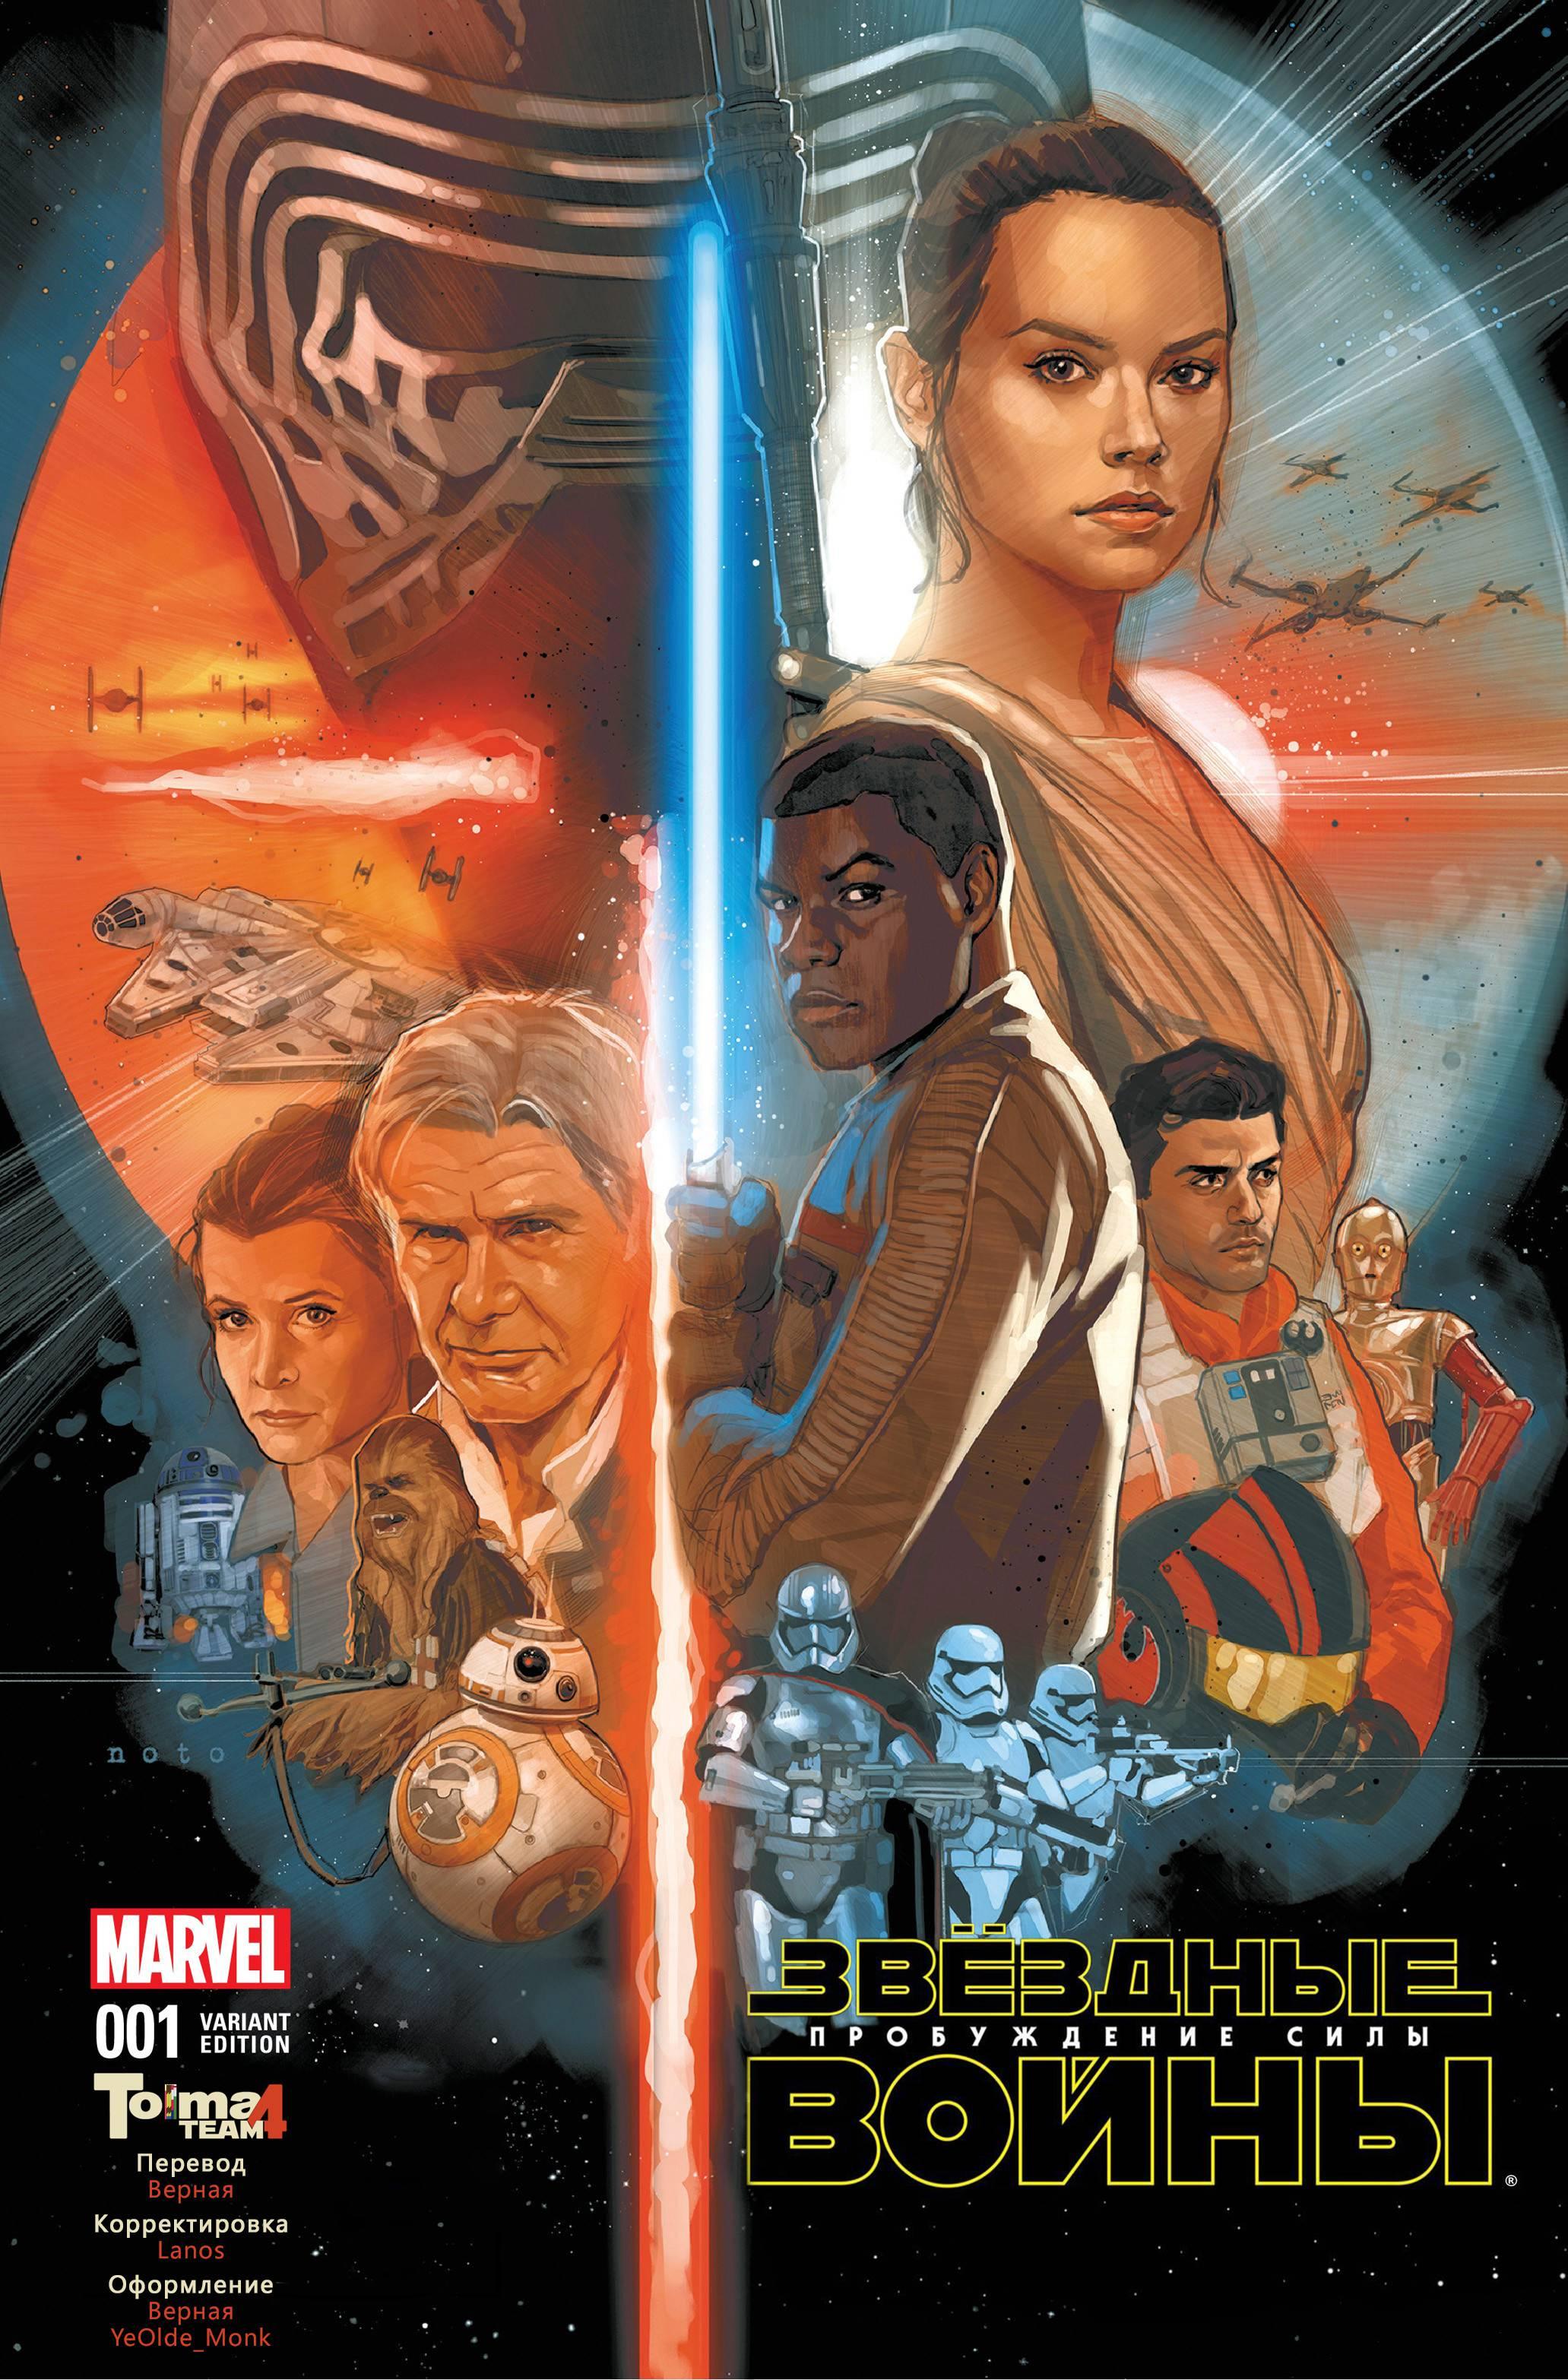 Звездные Войны: Пробуждение Силы. Адаптация Фильма №1 онлайн